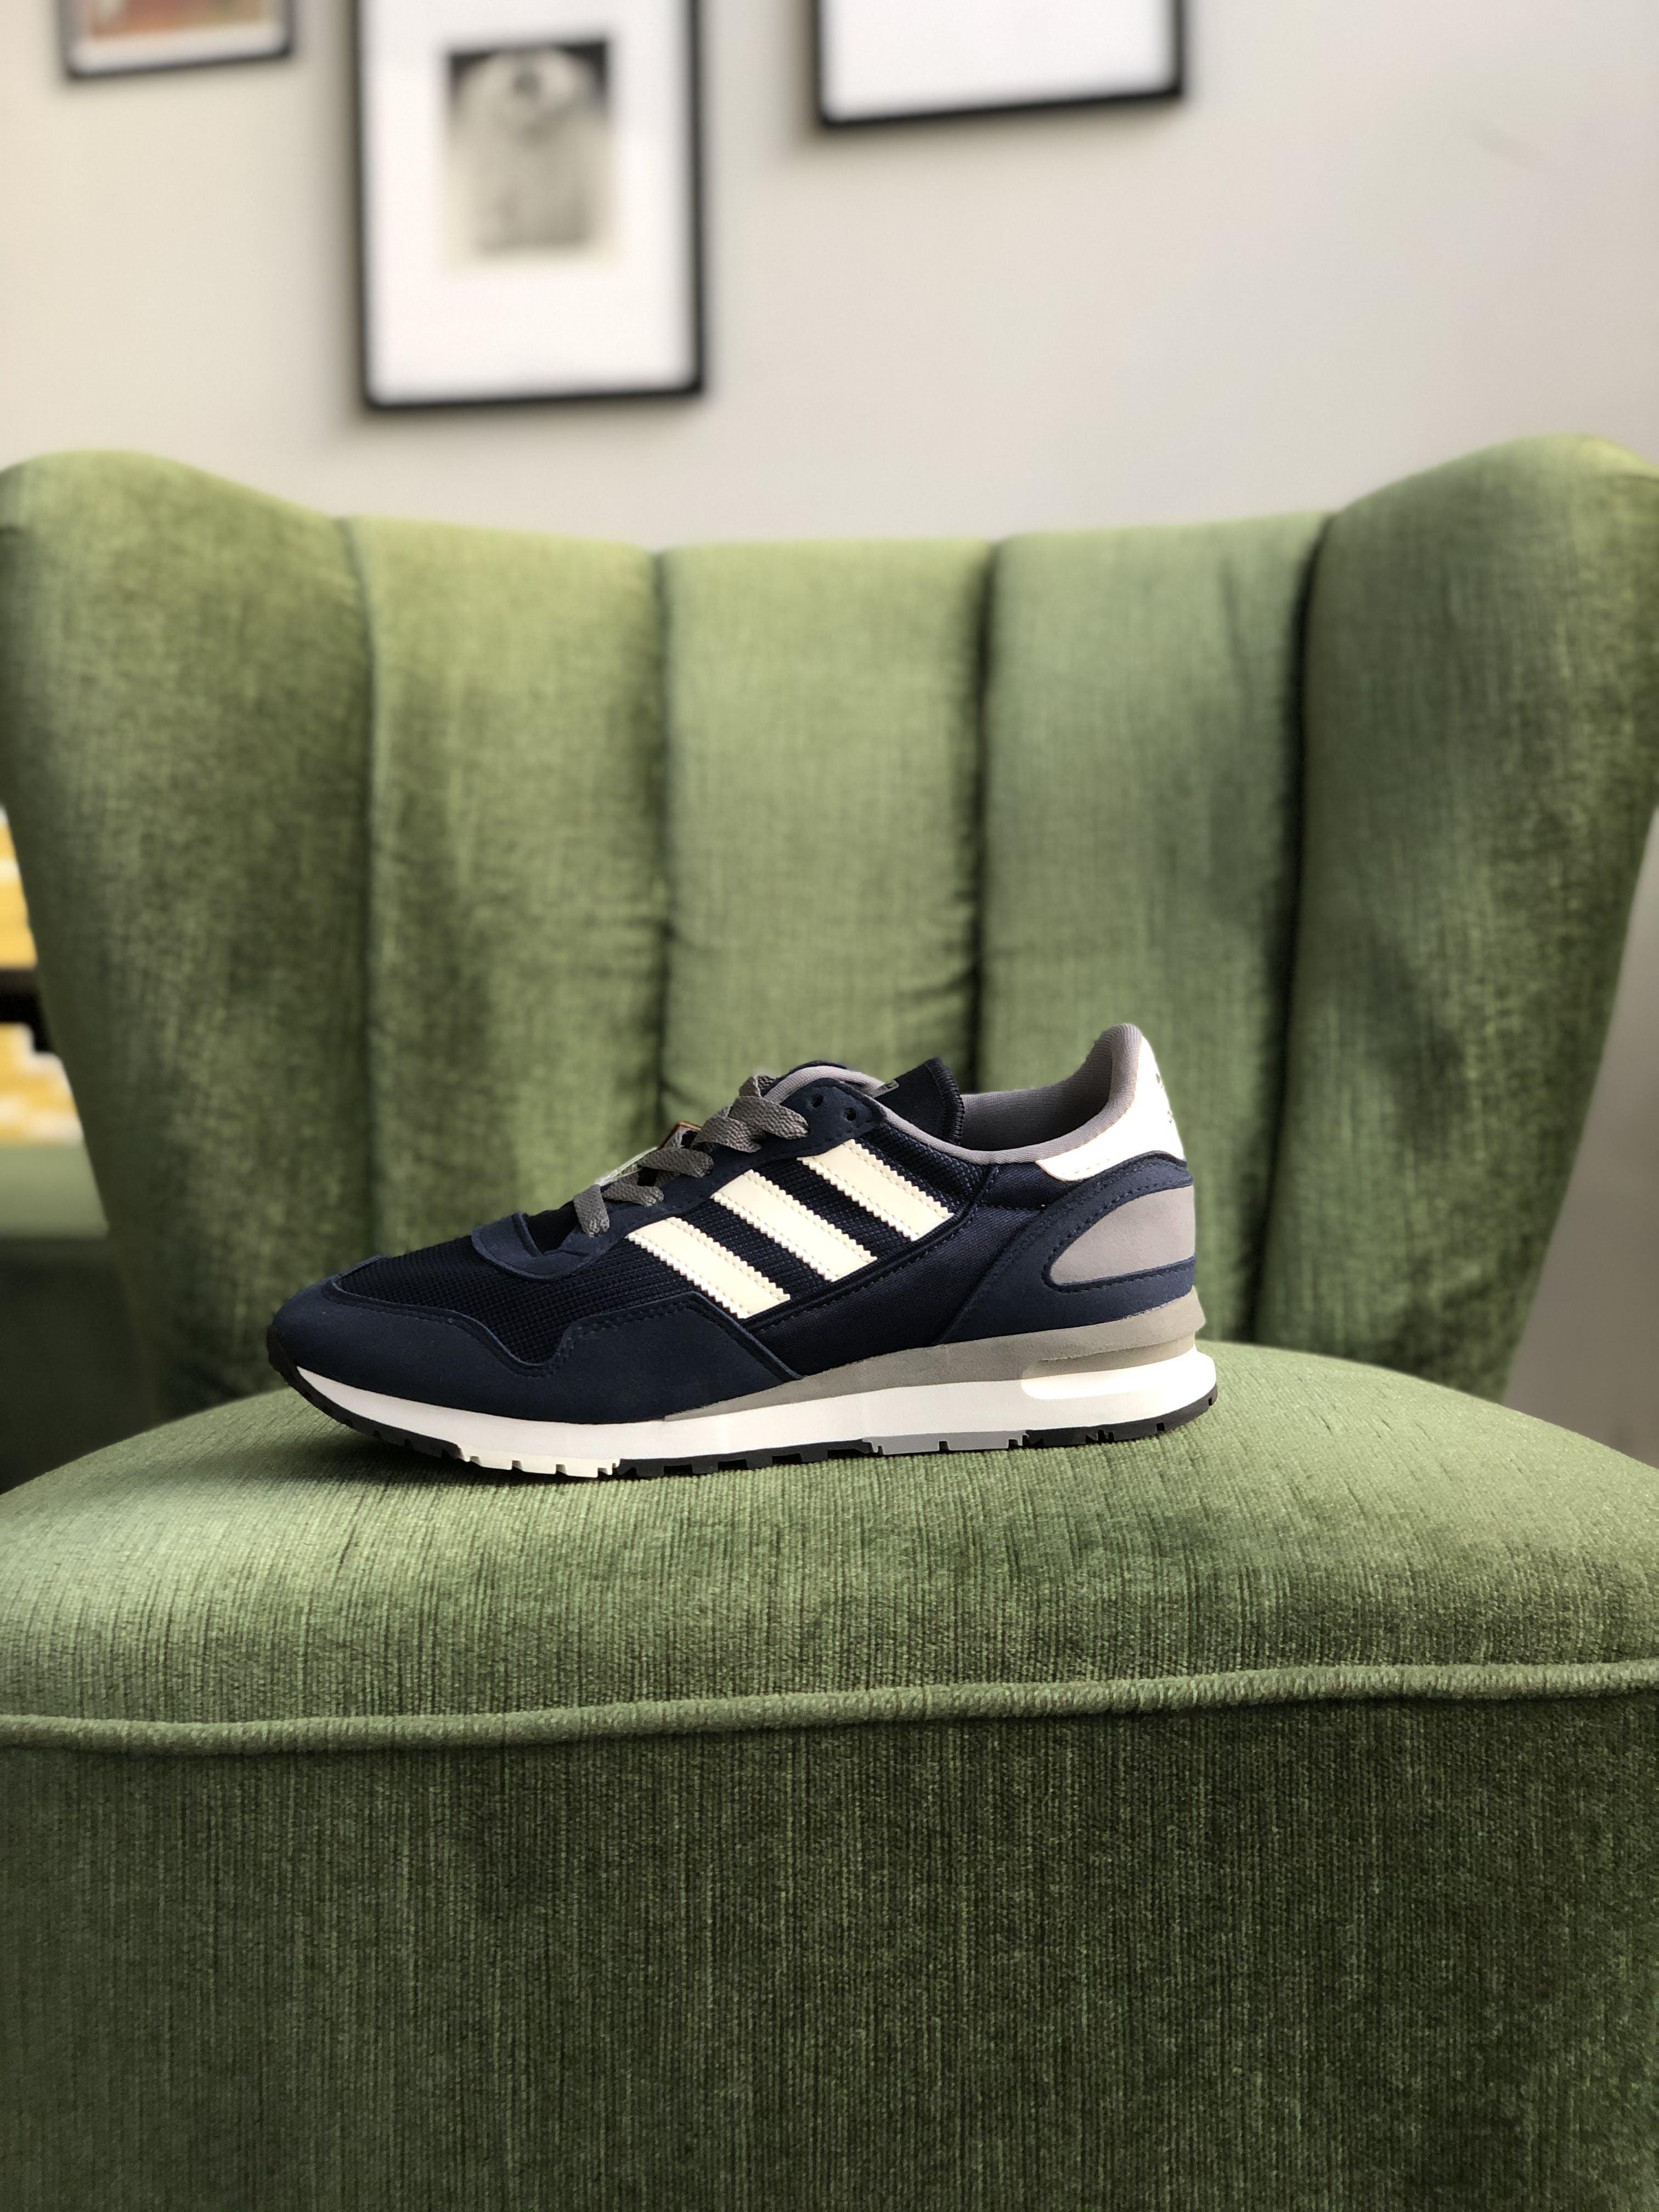 Adidas Lowertree - Sizerun 41 1/3 - 47 1/3